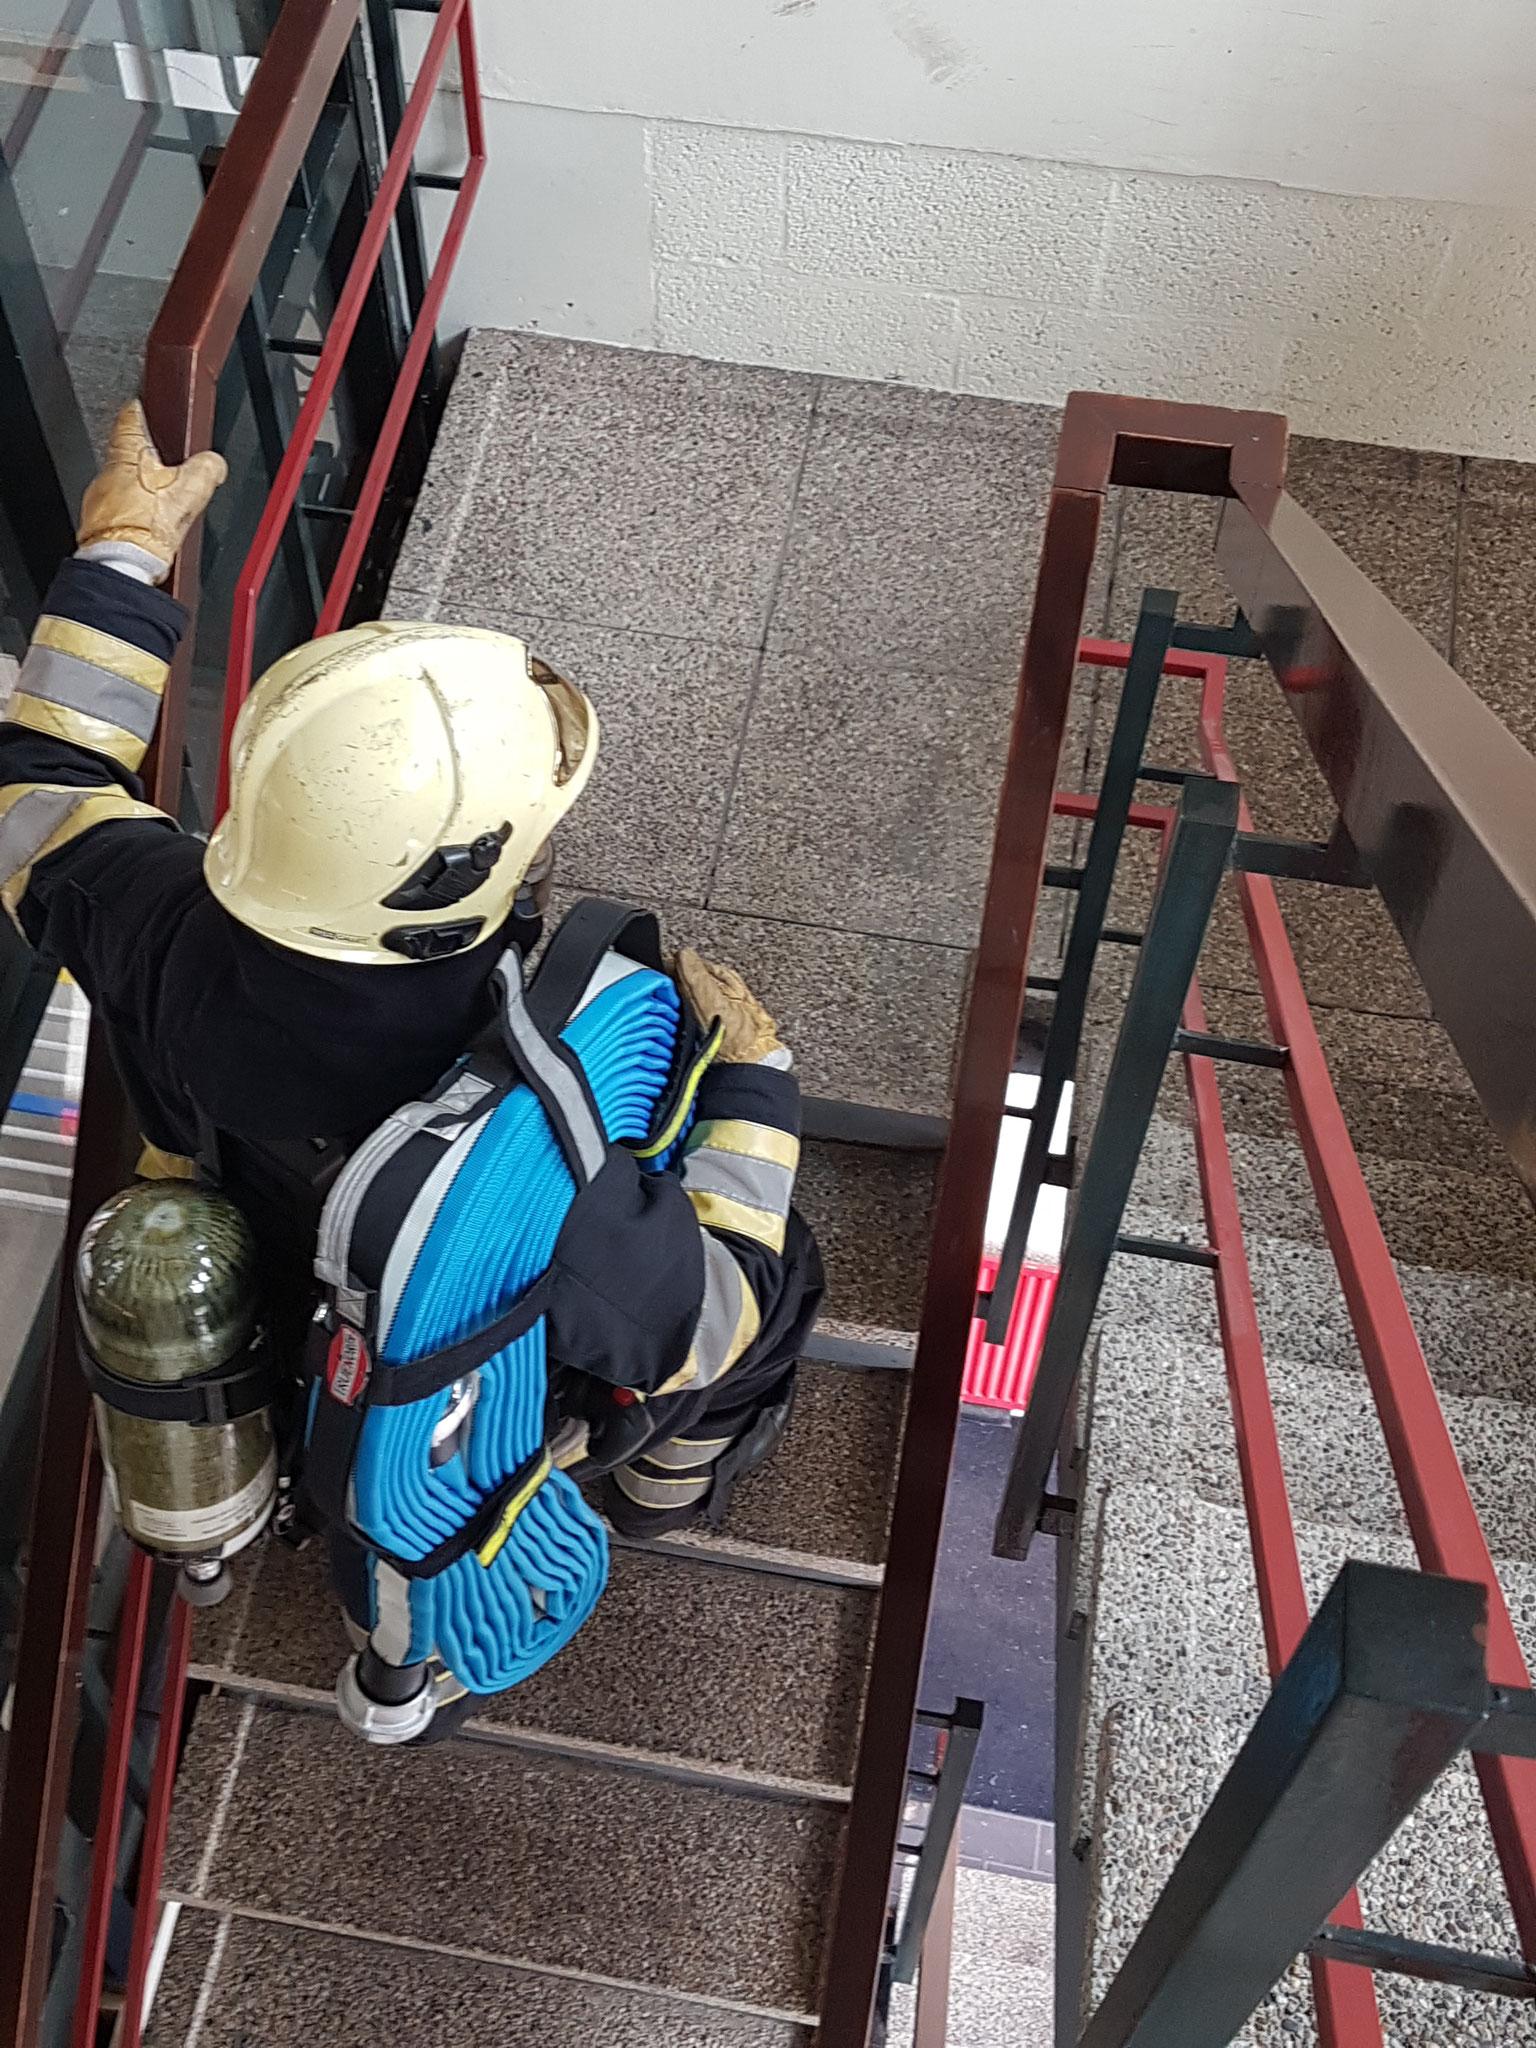 Collega in actie in trappenhuis.